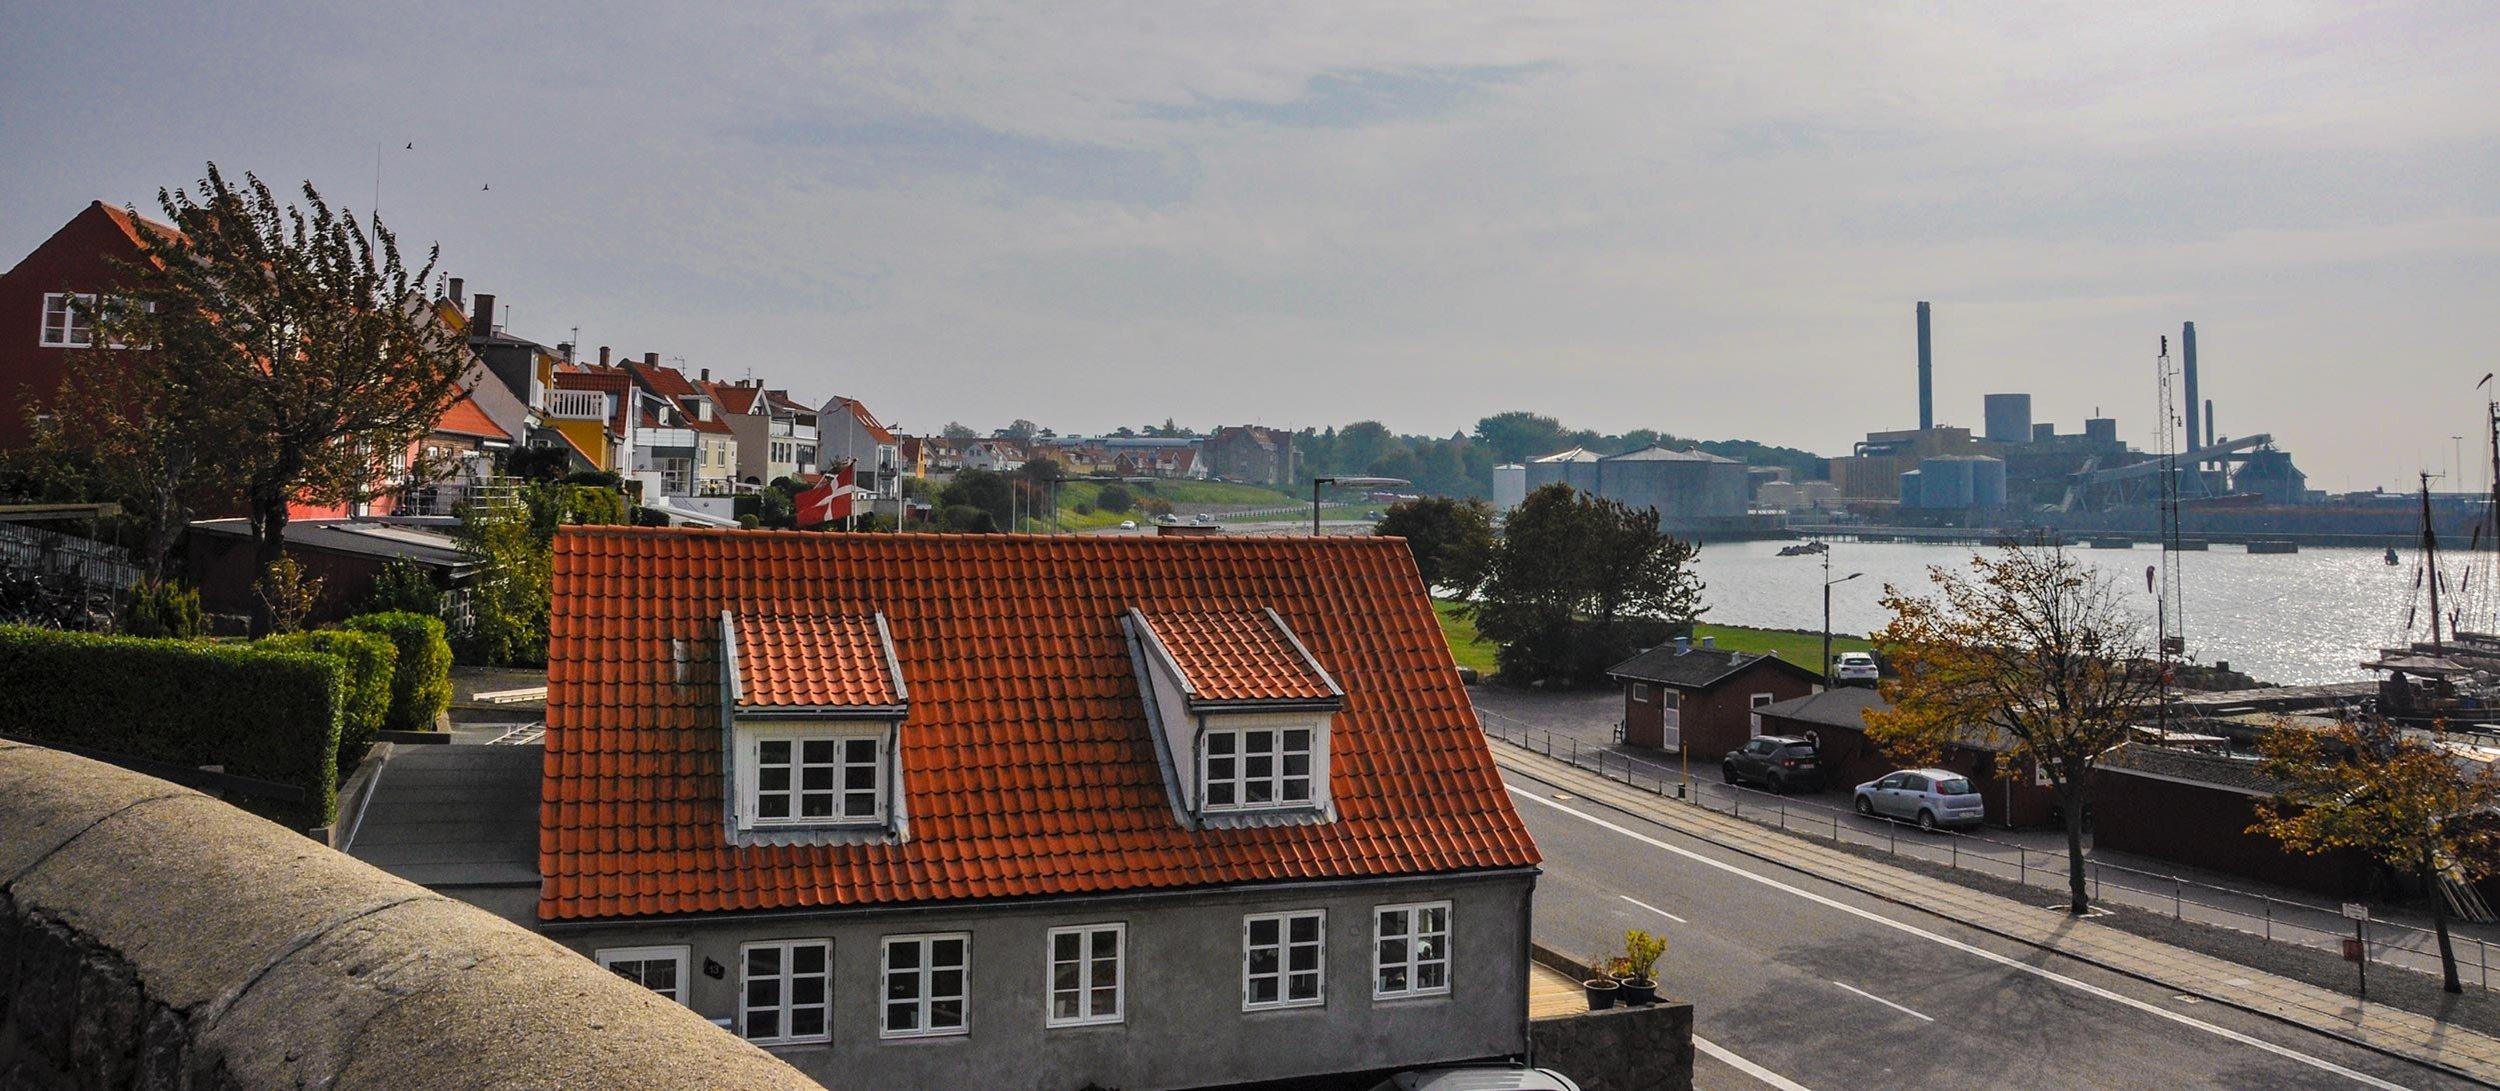 Rønne_2501X1091.jpg